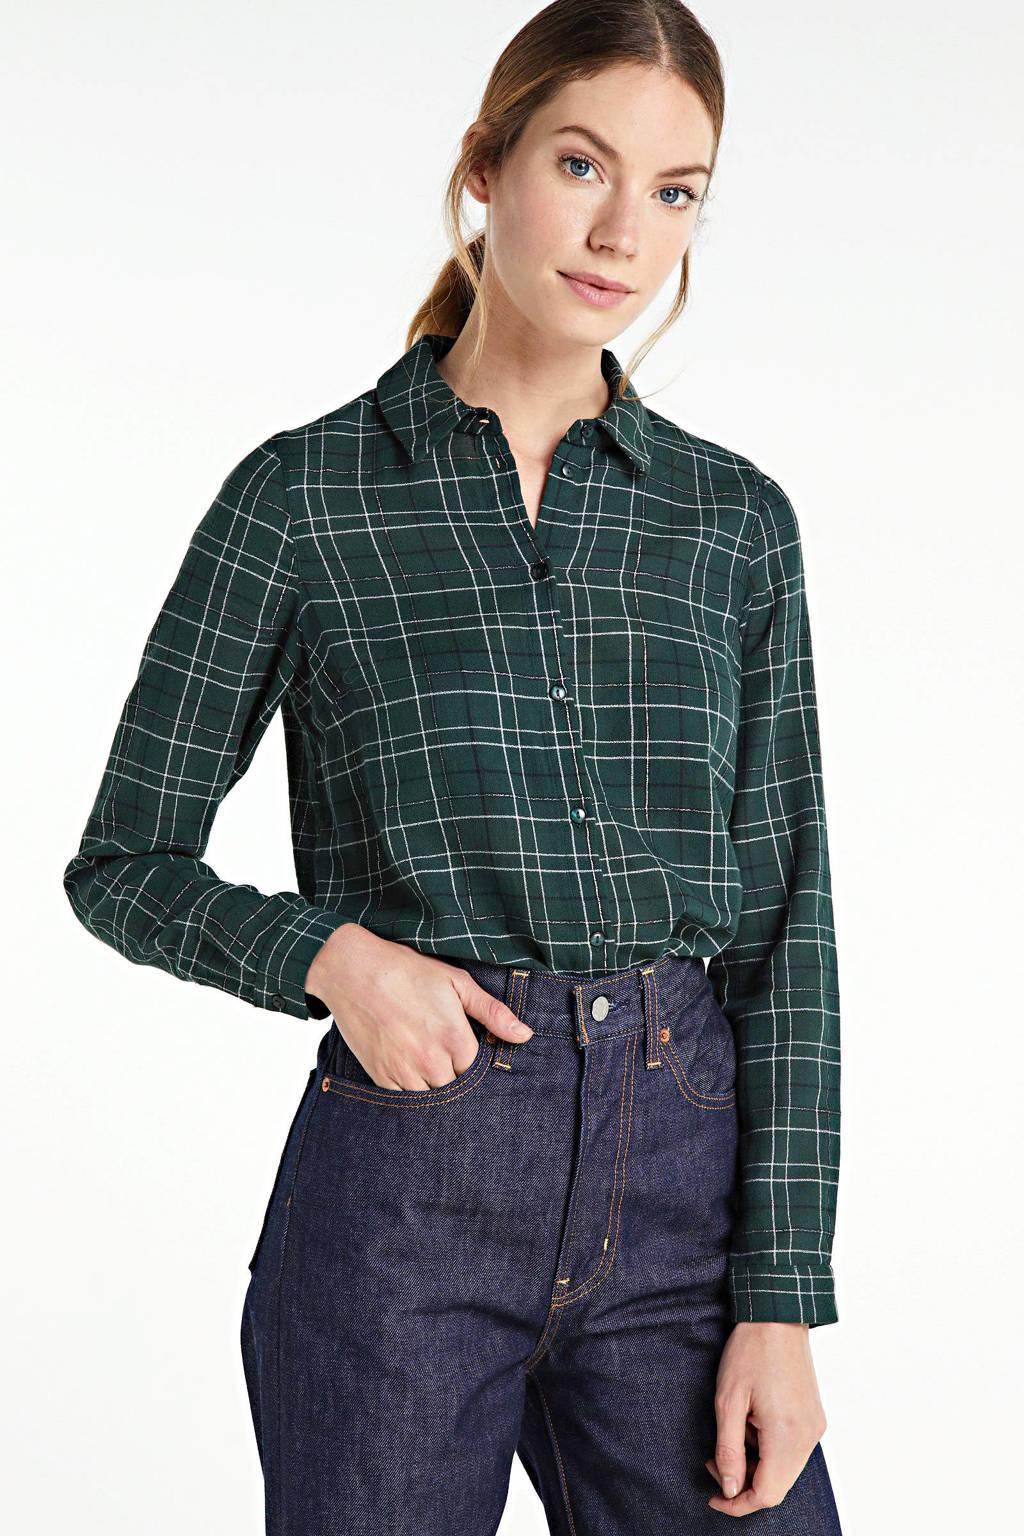 VERO MODA geruite blouse Flo groen, Groen